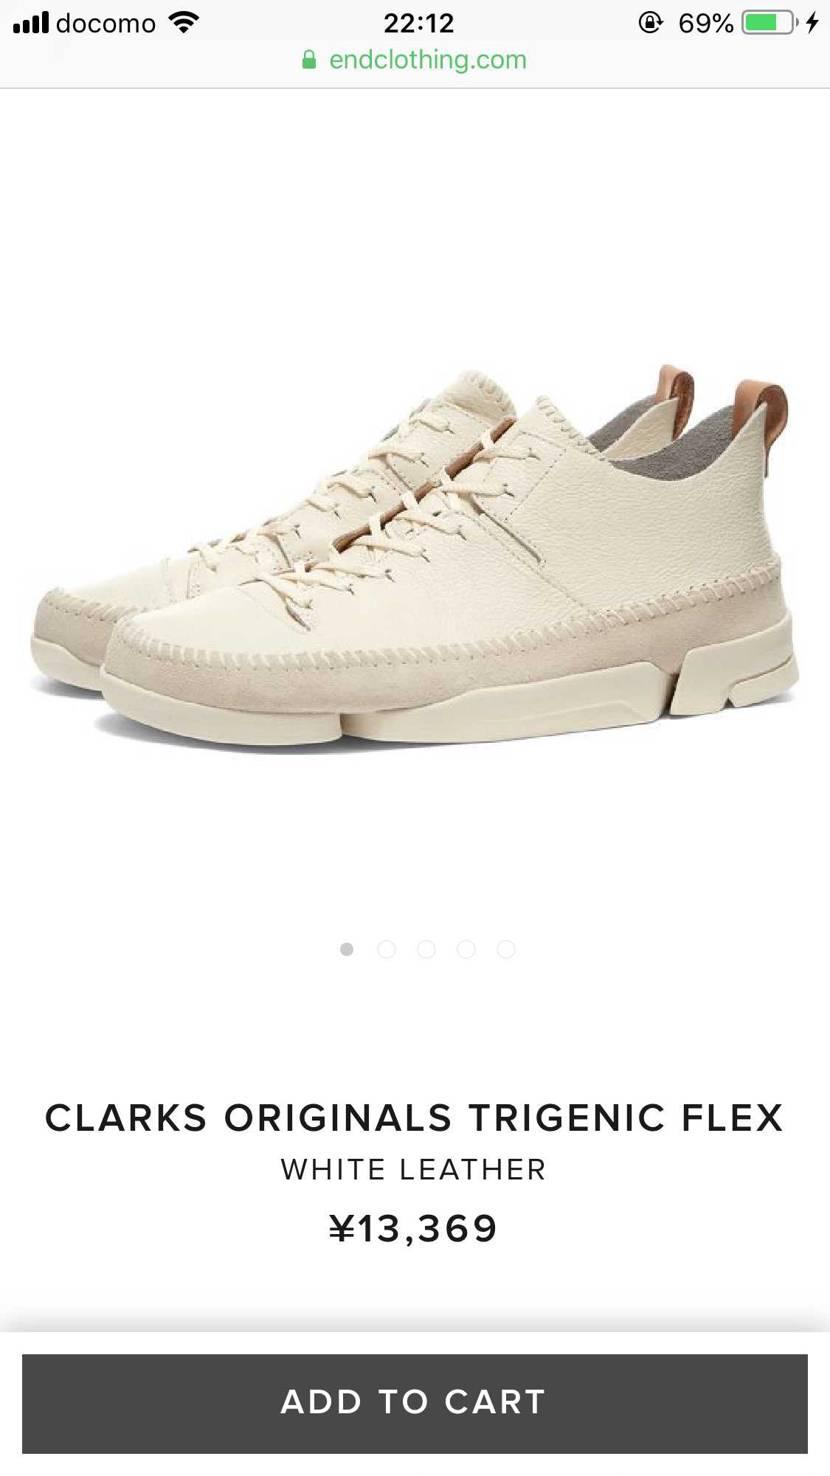 クラークスのスニーカーいいなと思って調べたら日本だと倍のお値段だった この靴の